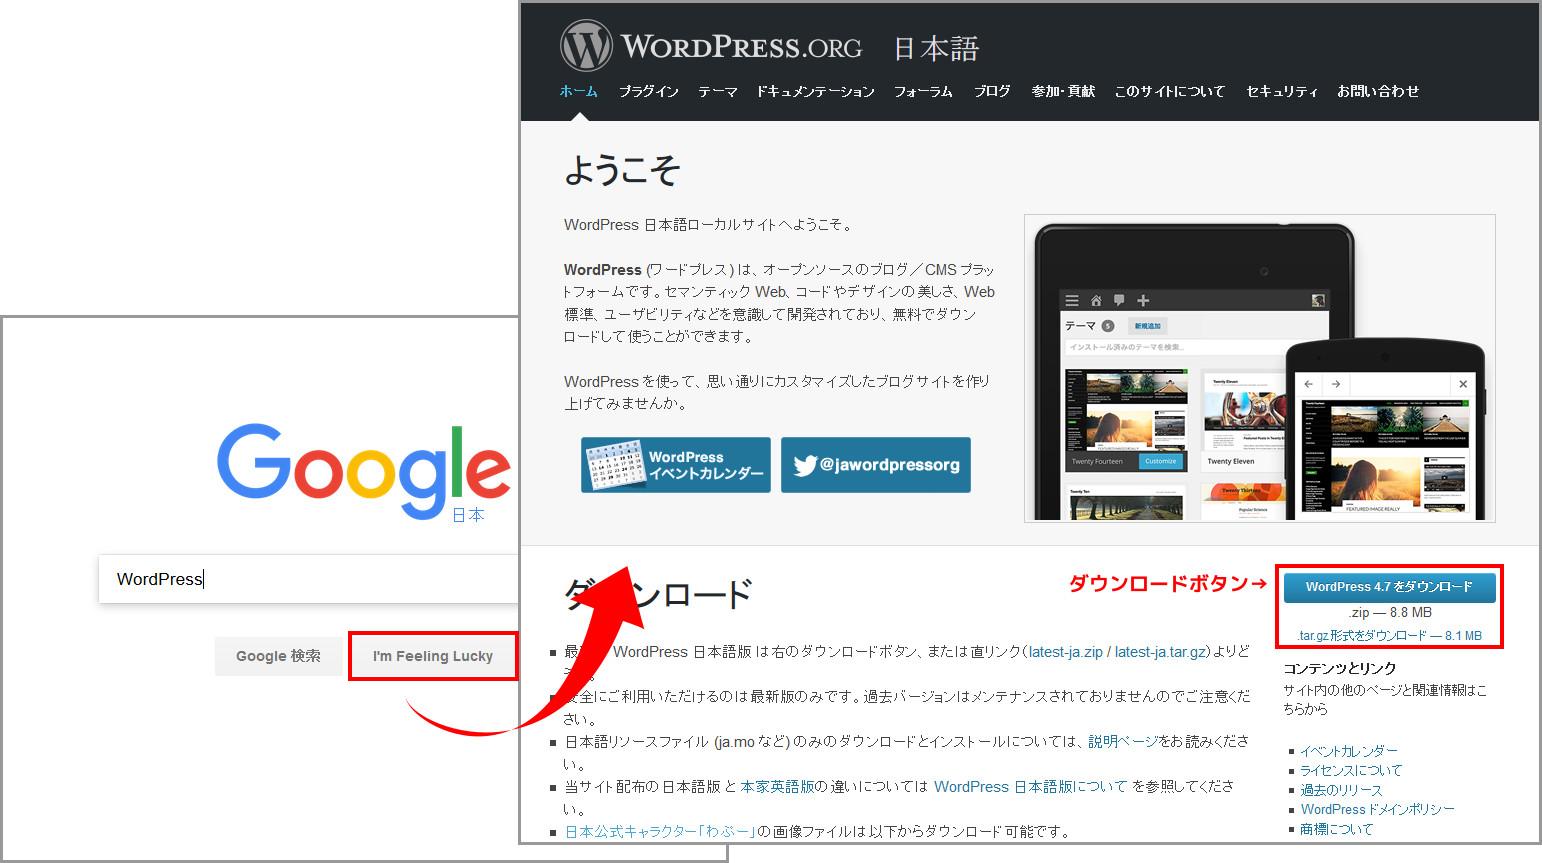 WordPressのファイルをダウンロード